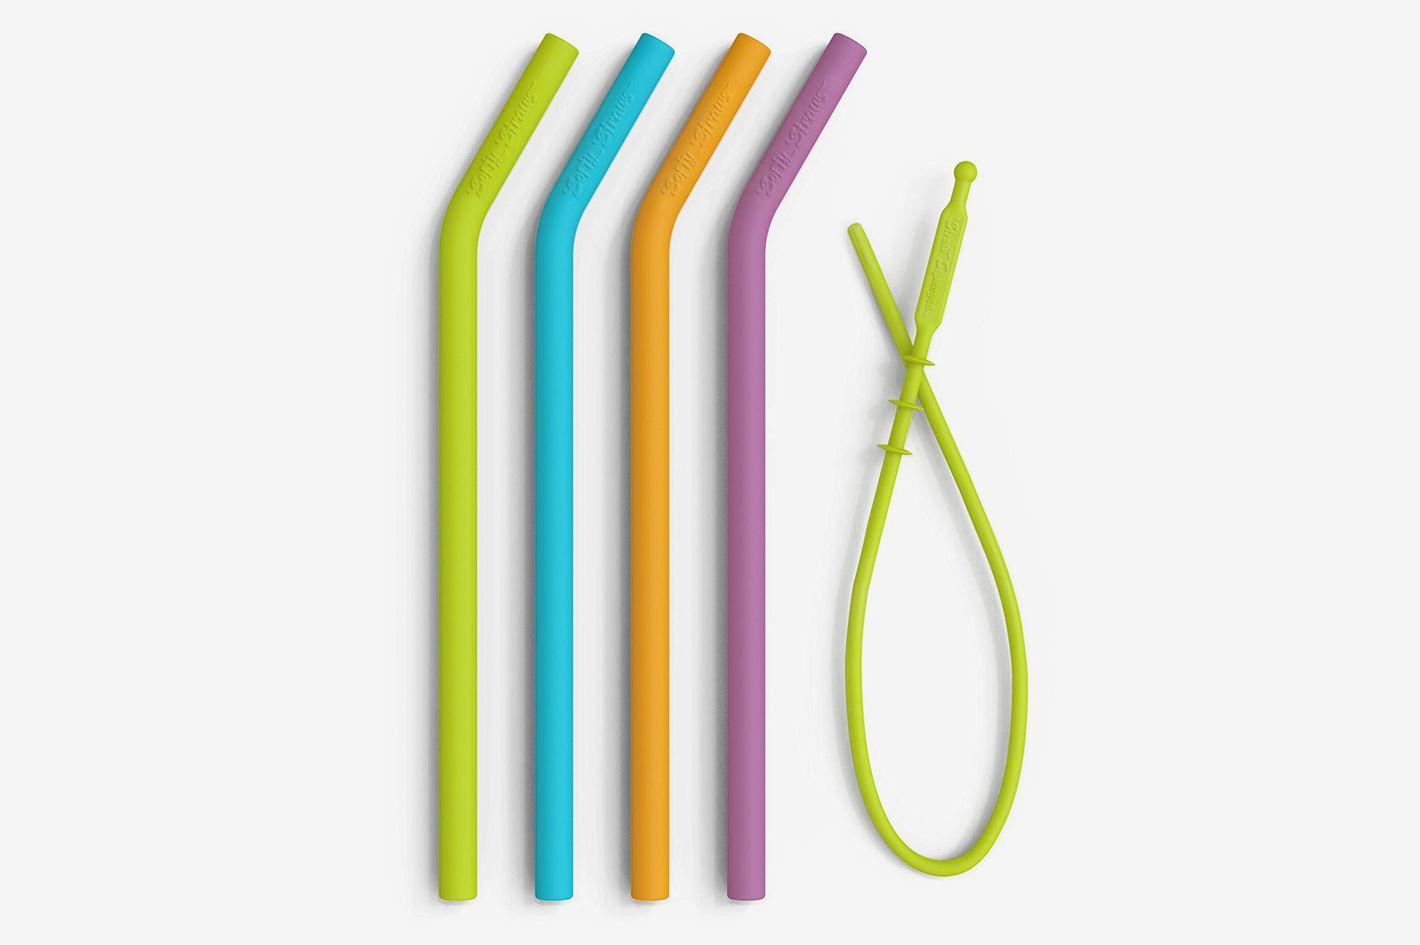 Softy Straws